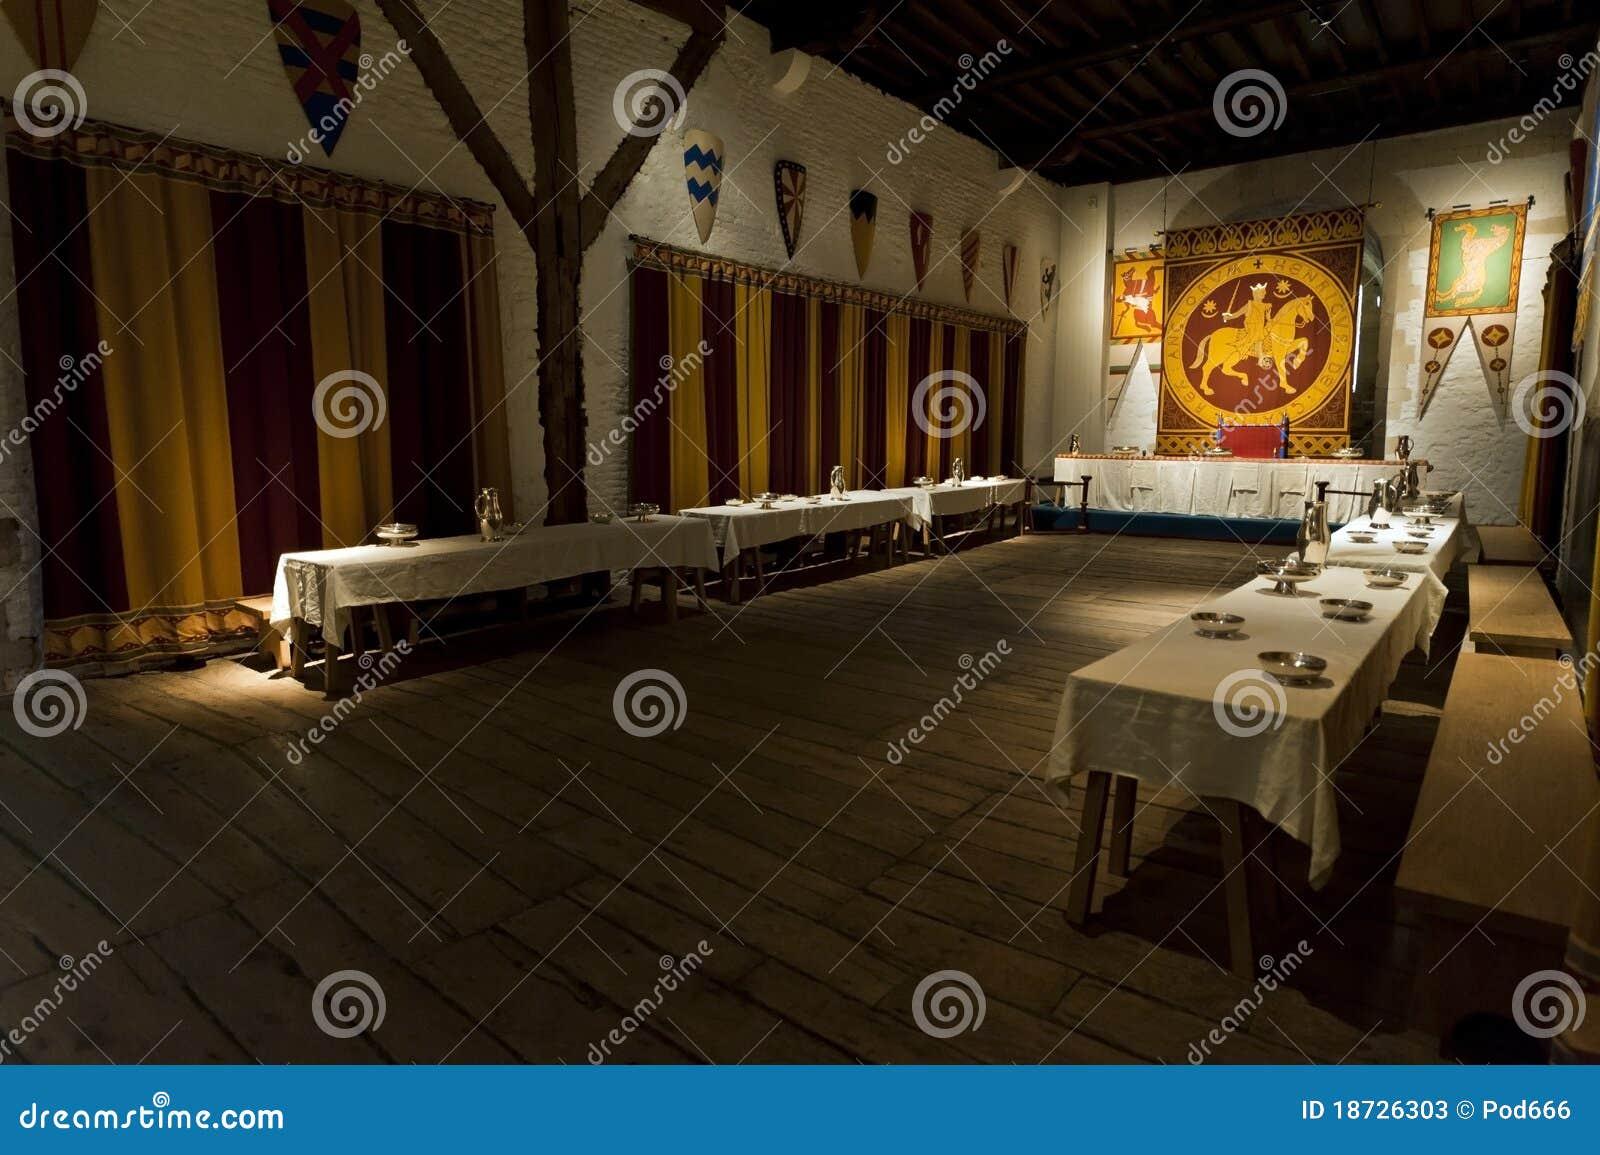 Slottet som äter middag dover, görar till kung lokal